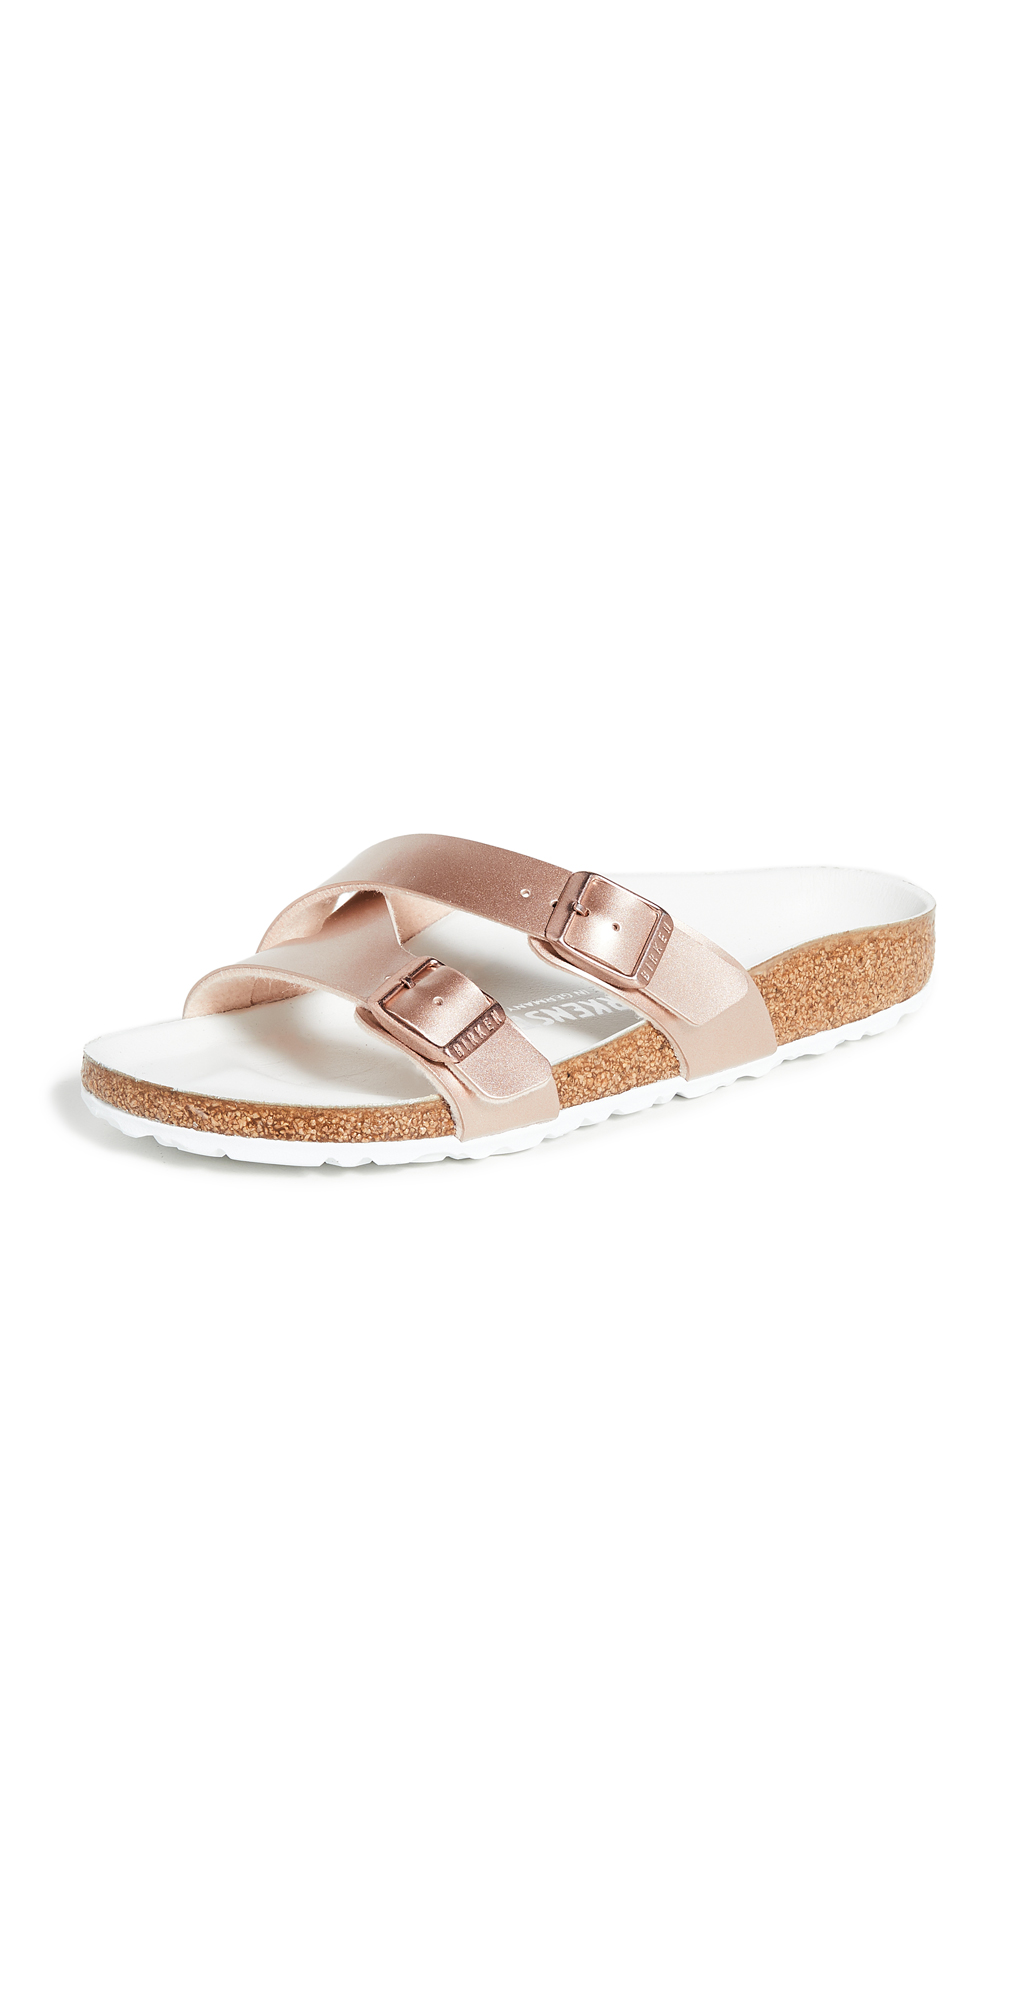 Birkenstock Yao Hex Sandals